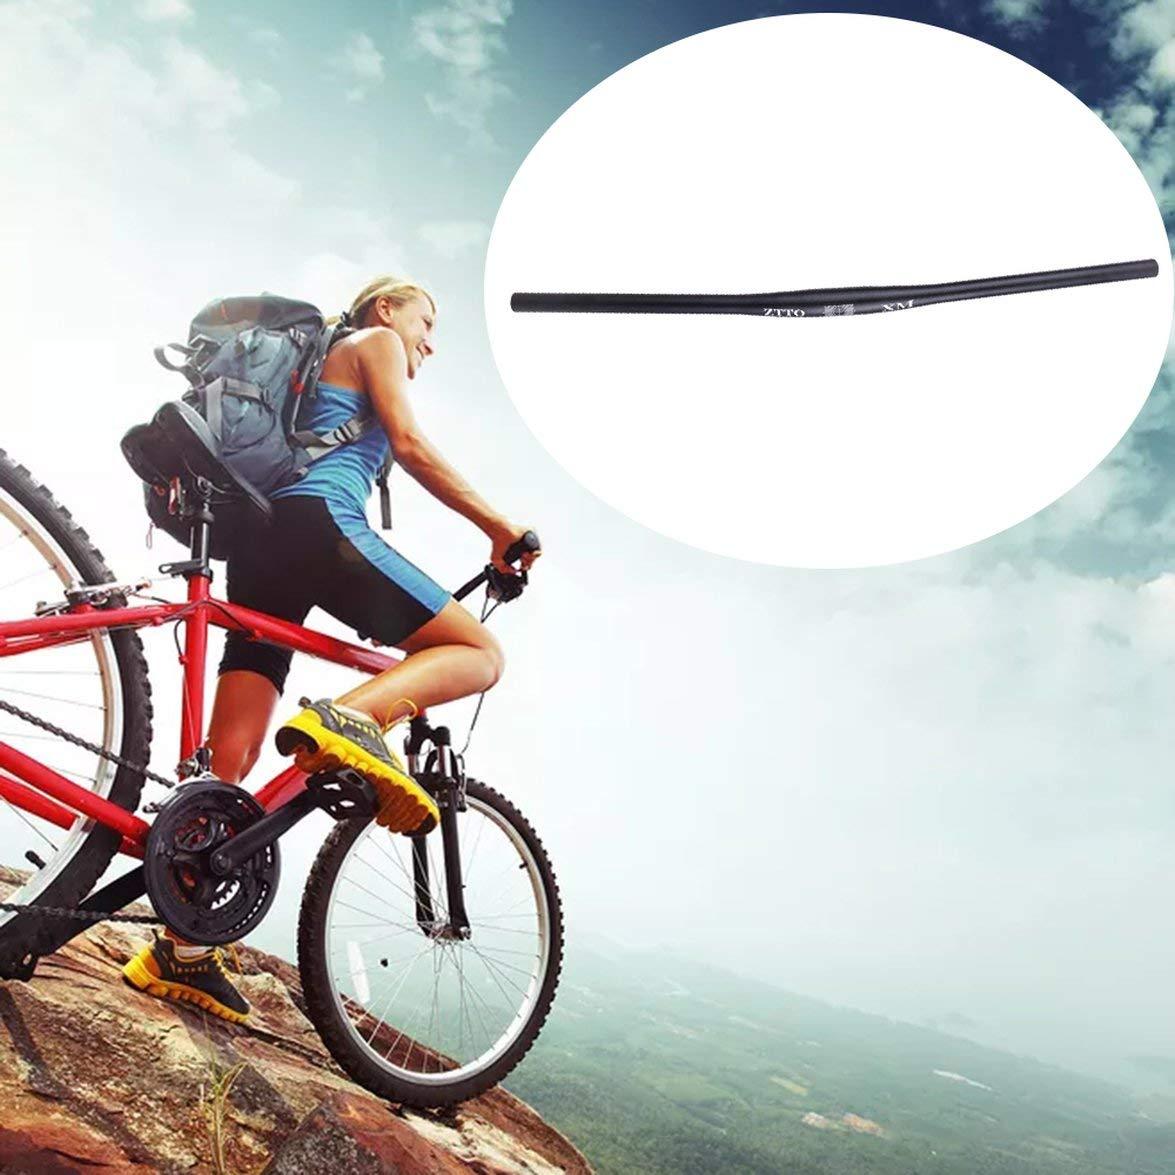 Kongqiabona Profesional MTB Bicicleta Manillar Negro Manillar 31.8mm Aleaci/ón de Aluminio Barra Plana Recta Tubo Grueso Piezas de Bicicleta